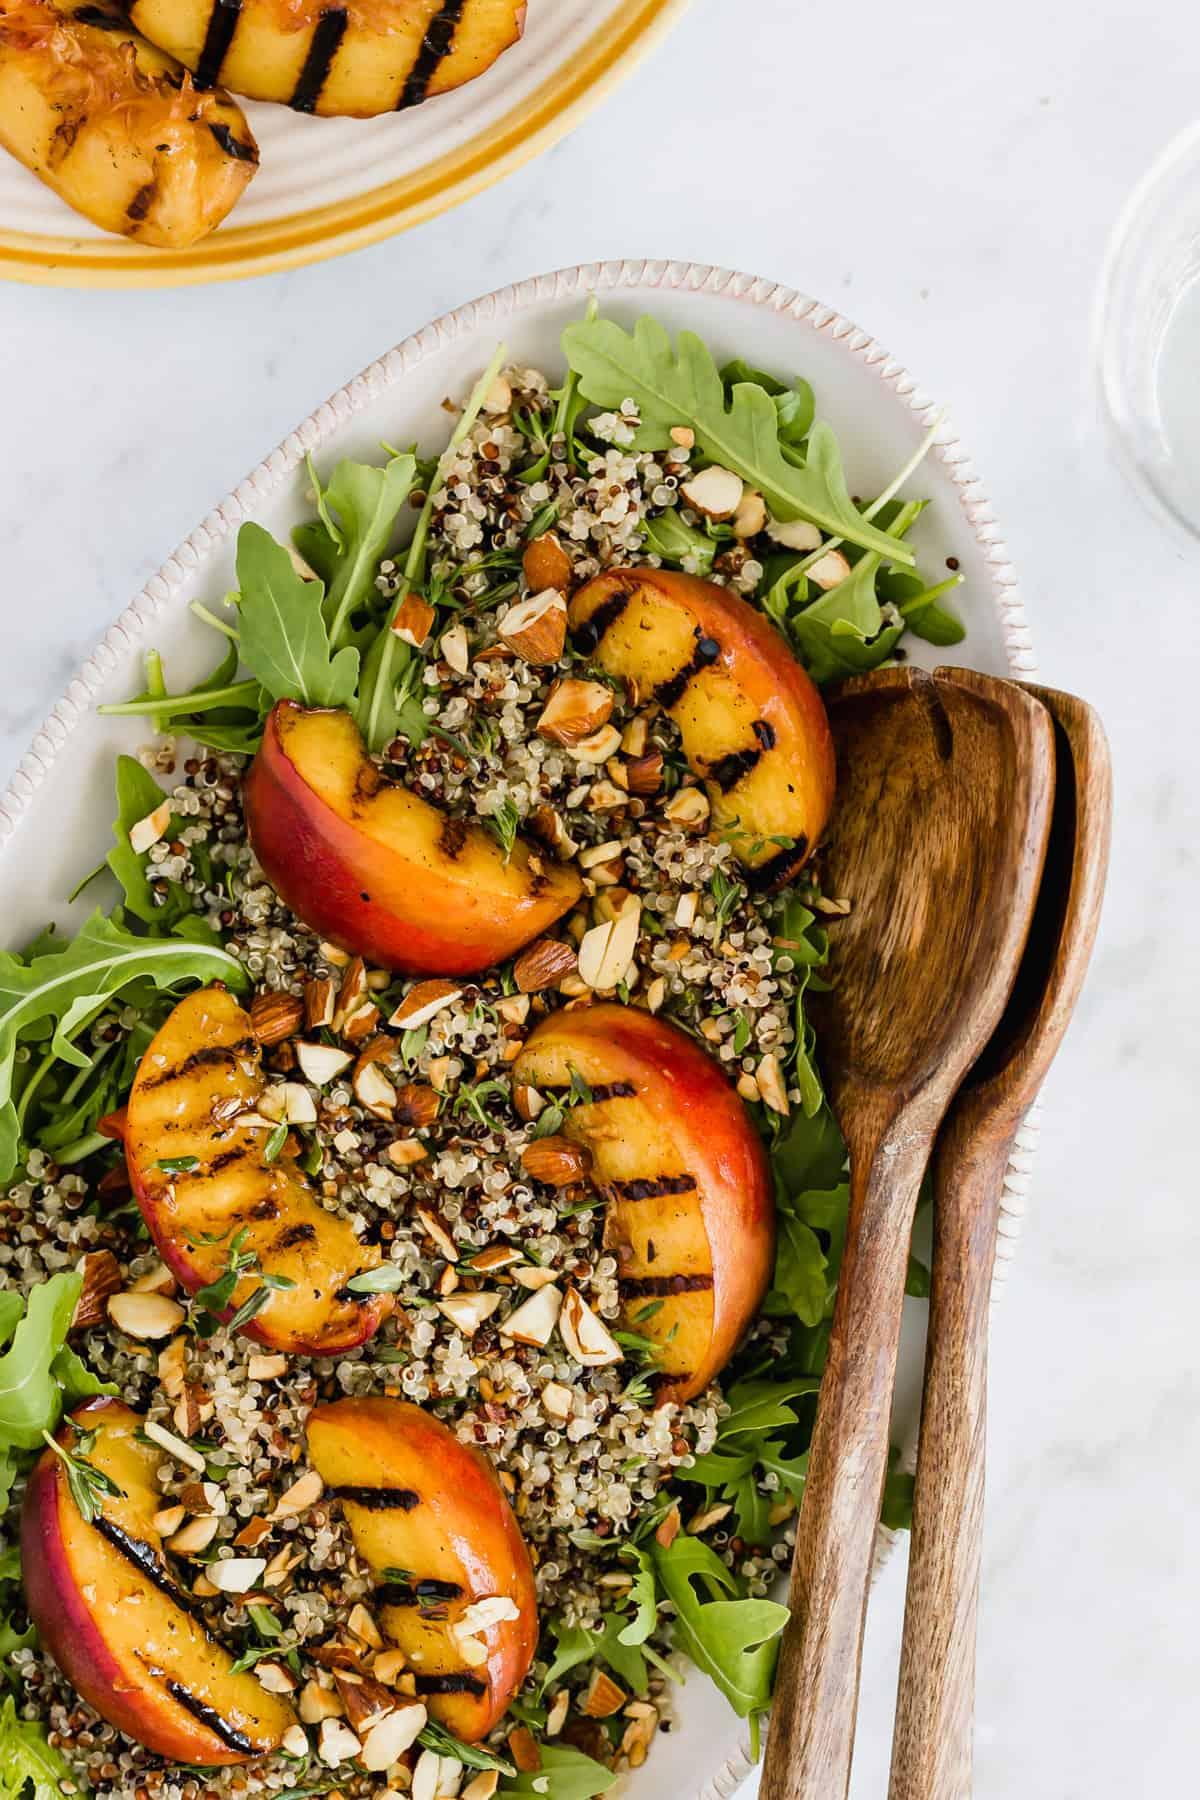 Sommersalat mit gegrilltem Pfirsich, Quinoa, und Rucola